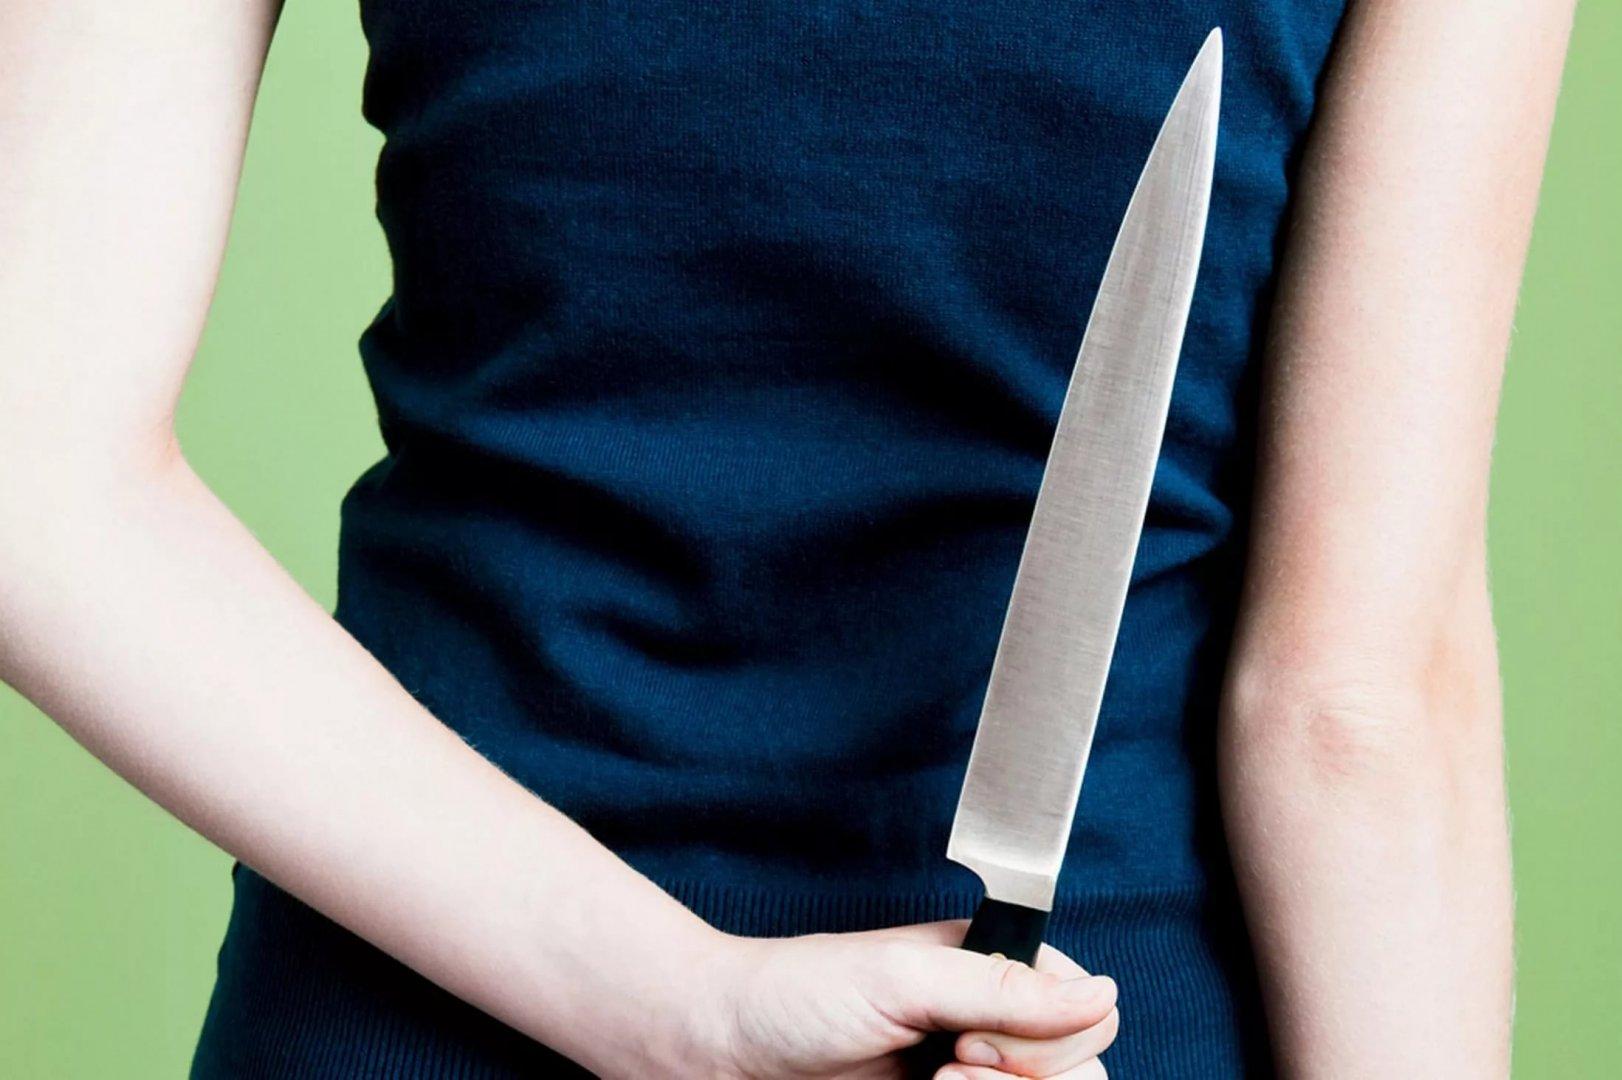 Приколы смешные, картинки с ножами в спине